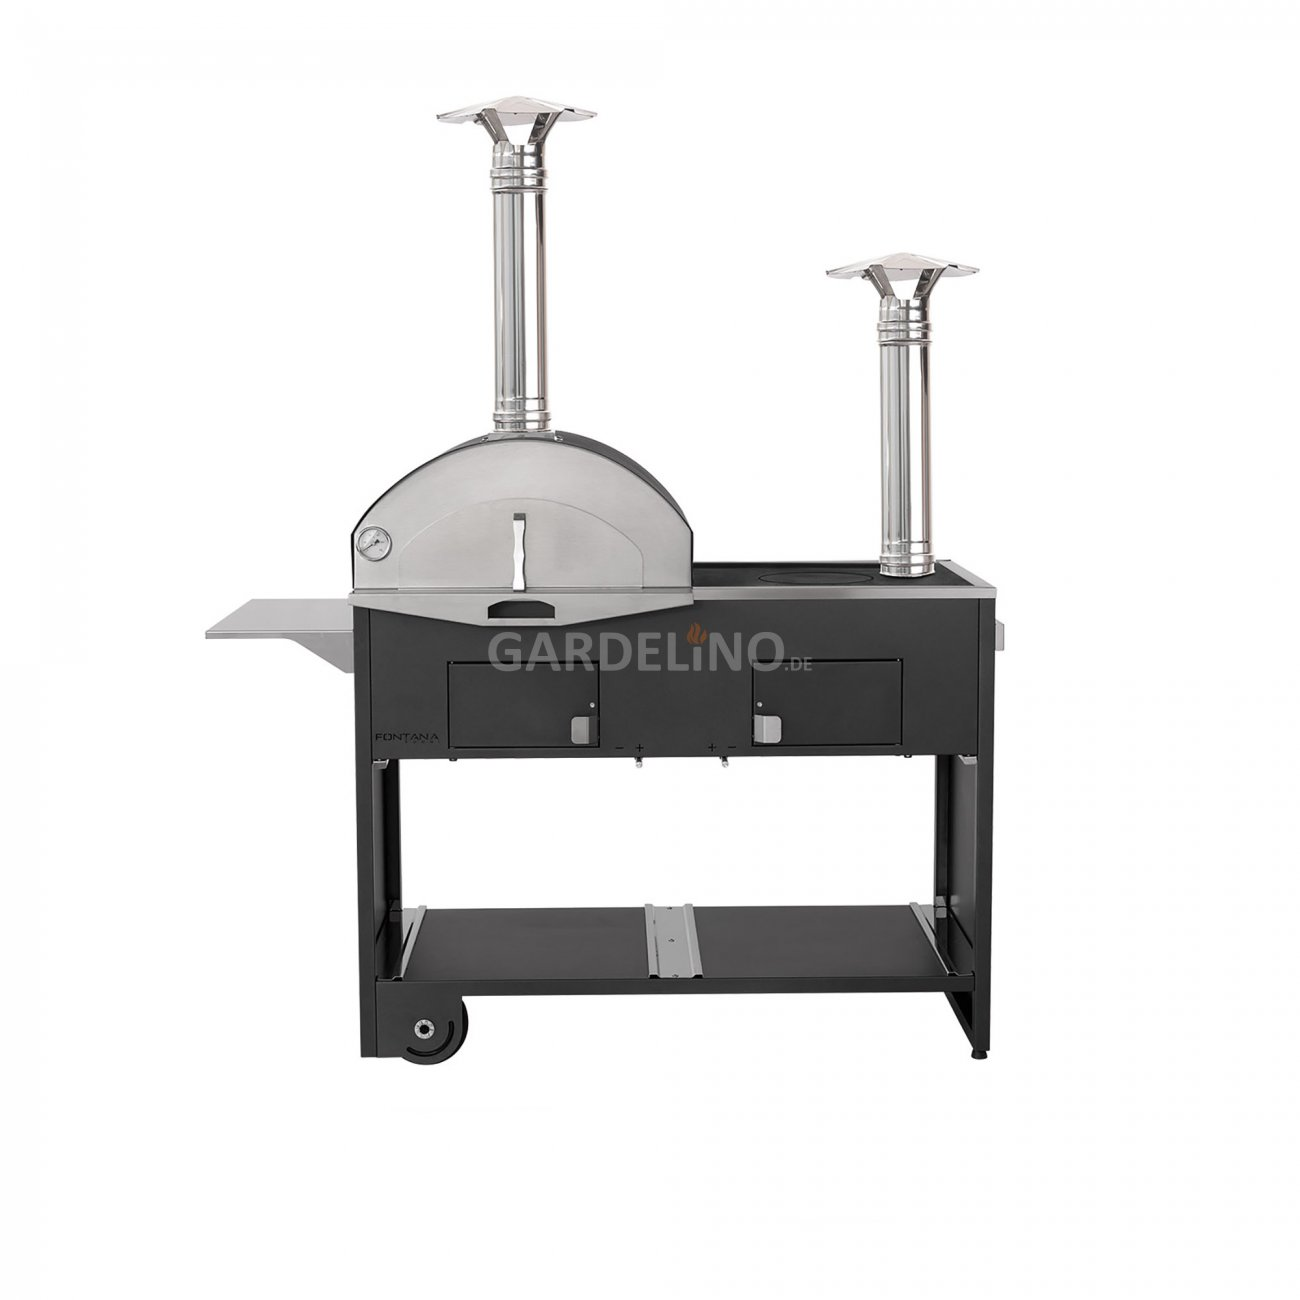 Grill pizzaofen kombination pizza cucina doppio - Cucina doppio angolo ...